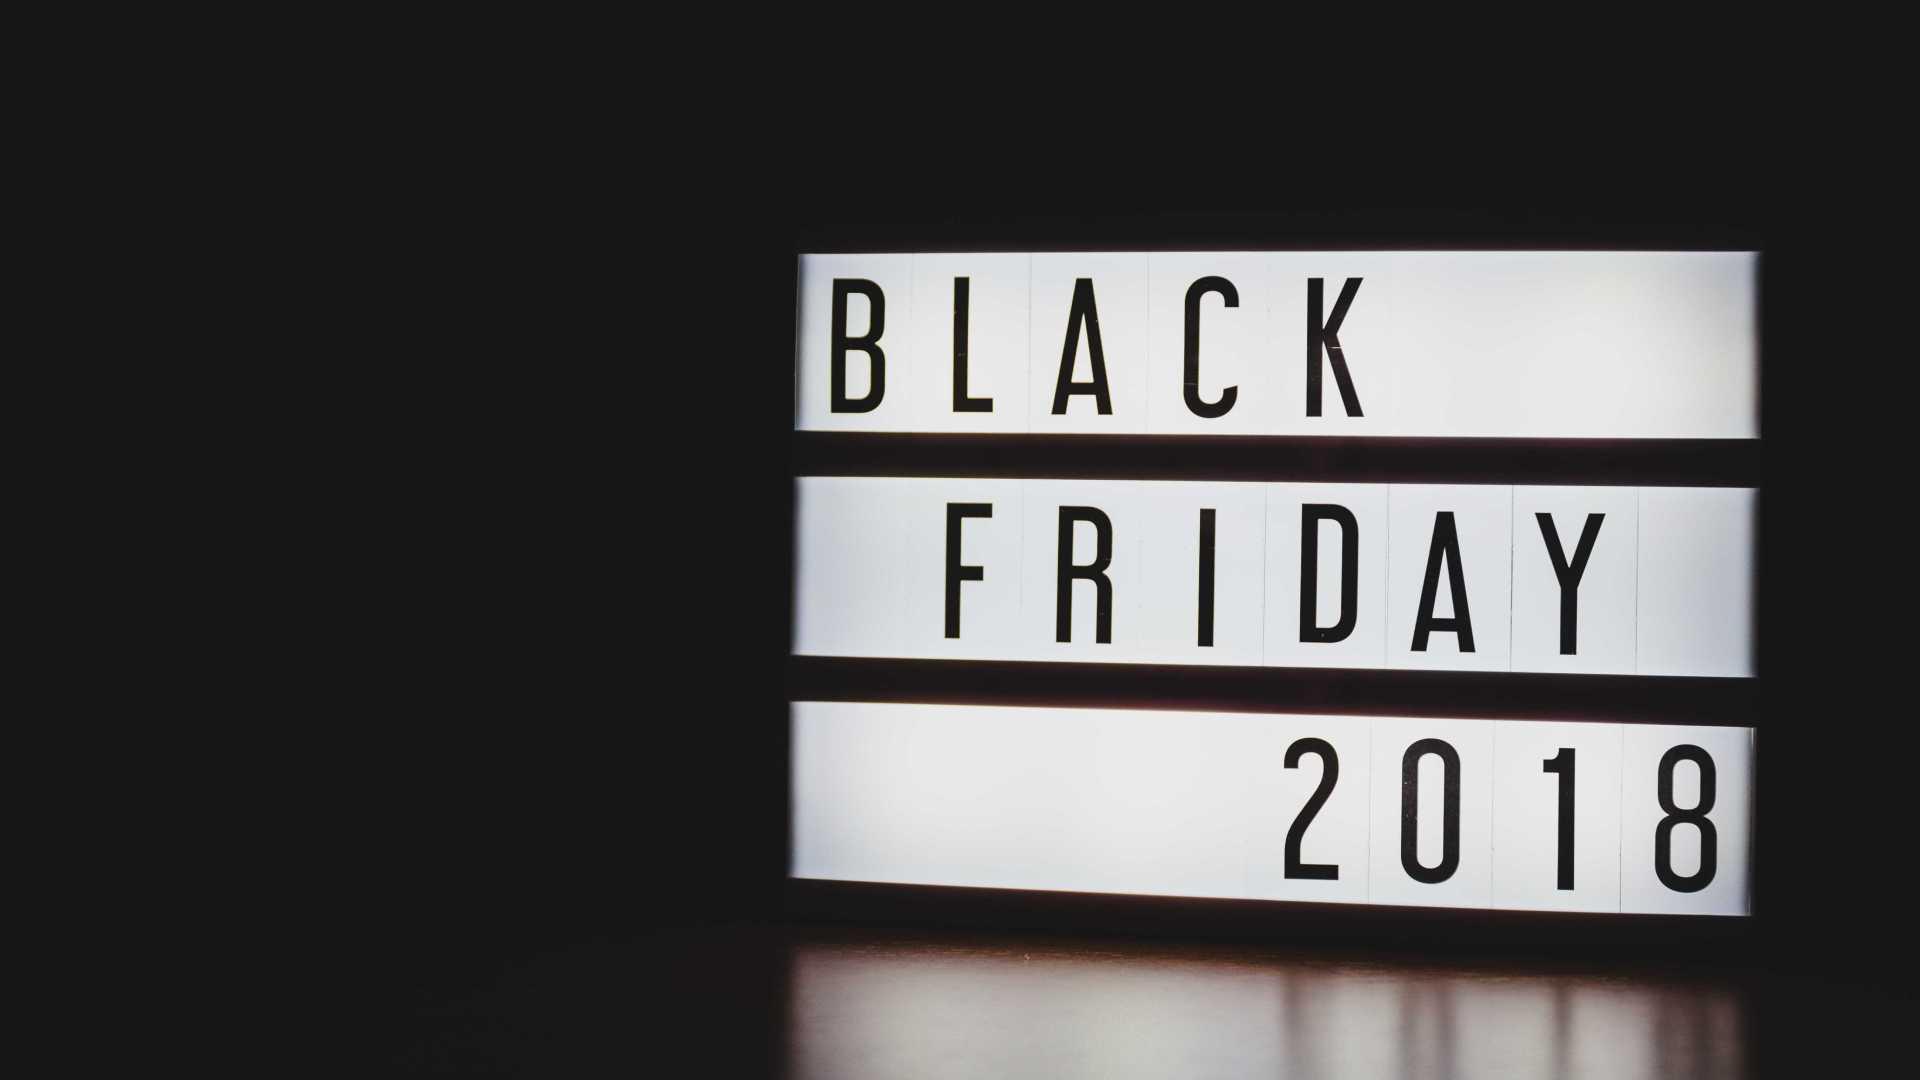 naom 5bed58c5380a4 - Pesquisa estima aumento de 15% nas vendas na Black Friday